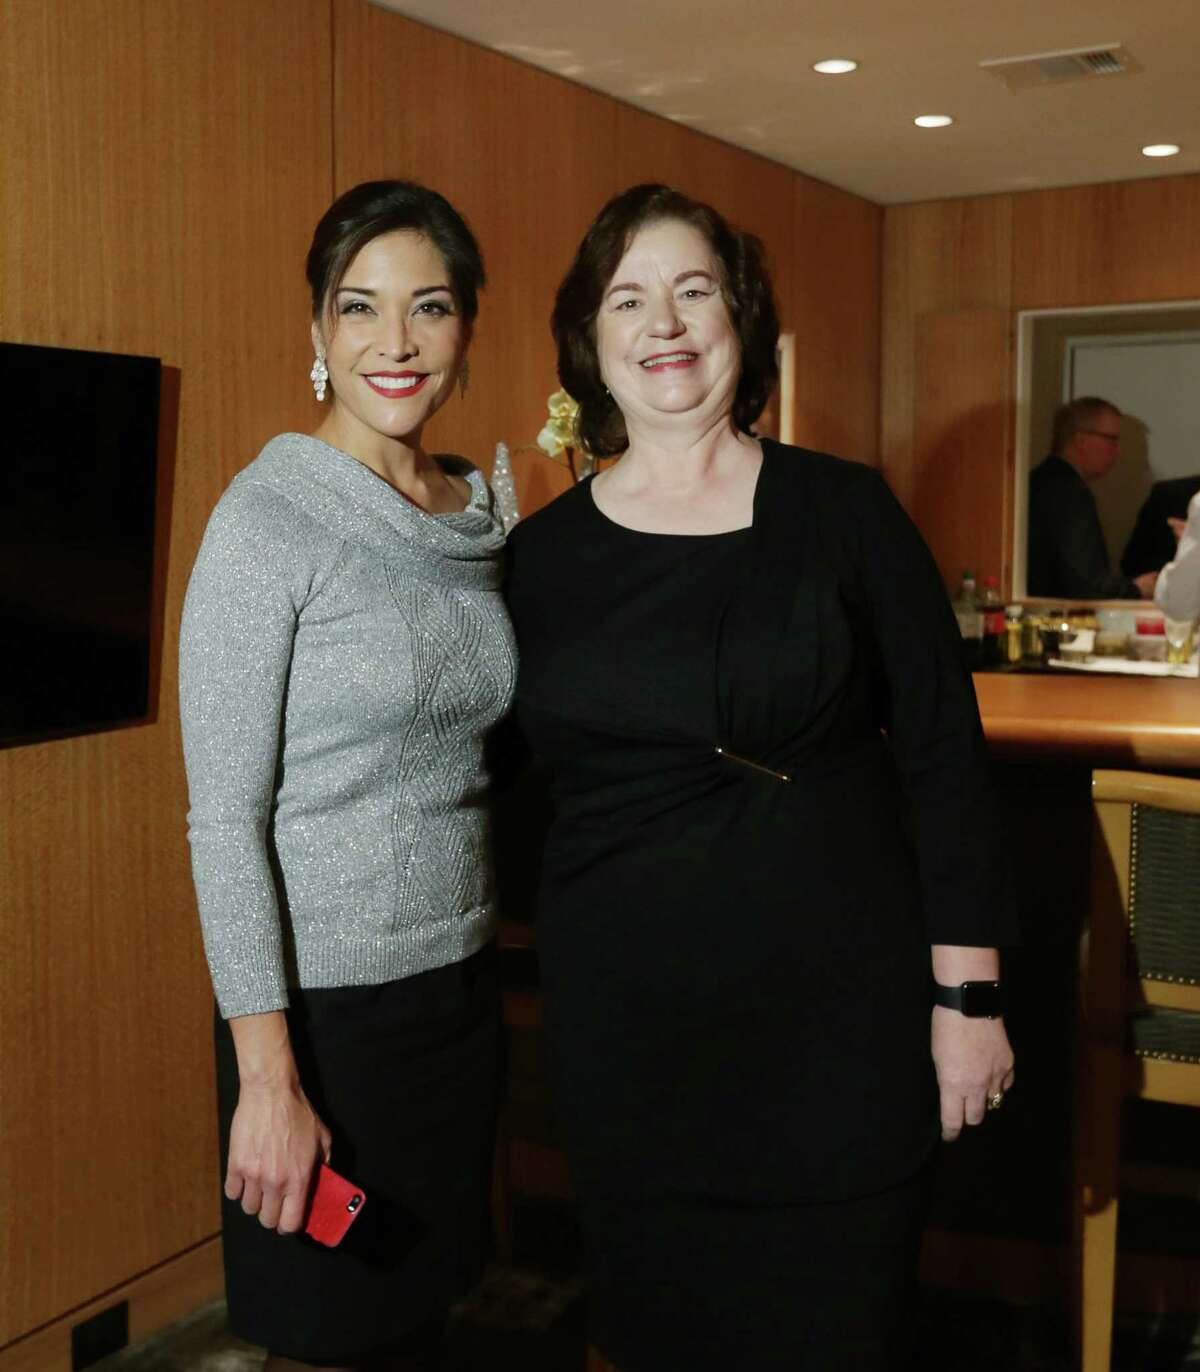 Lisa Foronda and Katy Caldwell